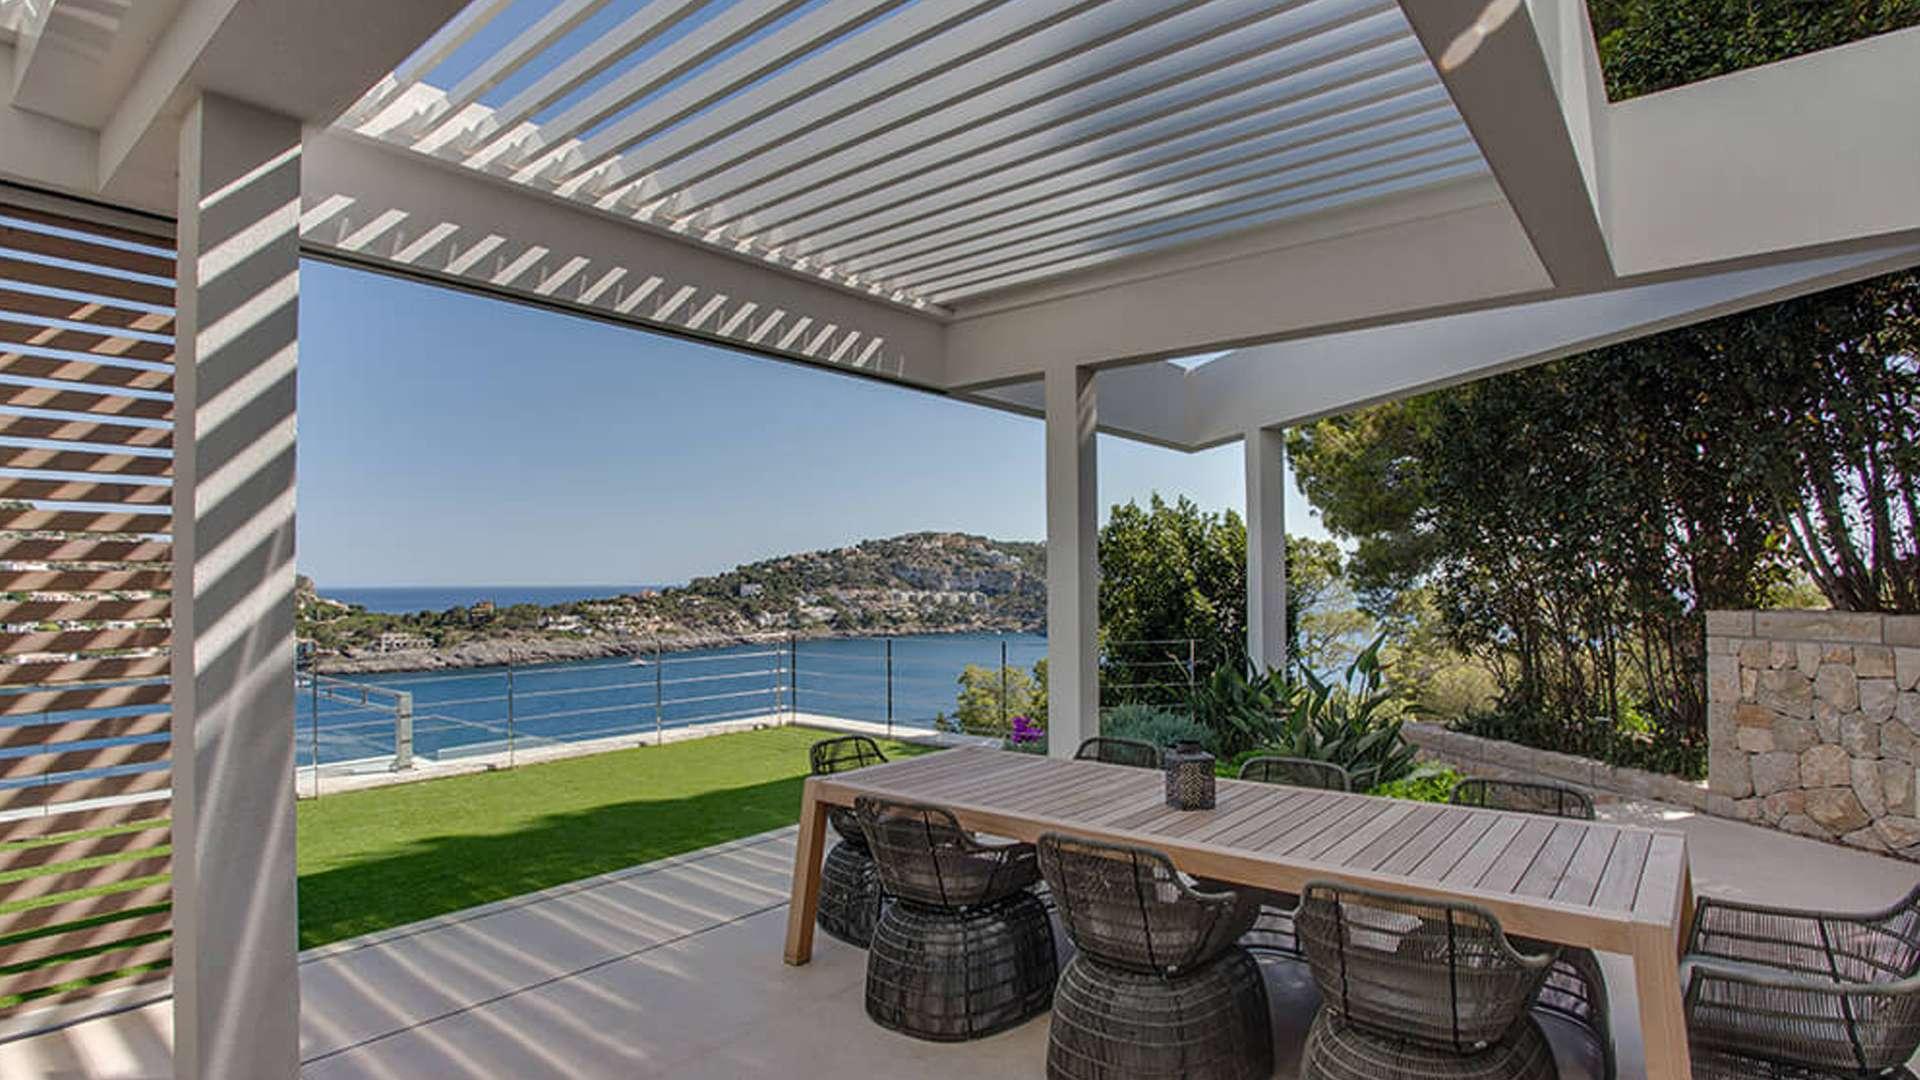 Innenansicht eines Aero Lamellendachs mit Esstisch und Blick auf einen Fluss